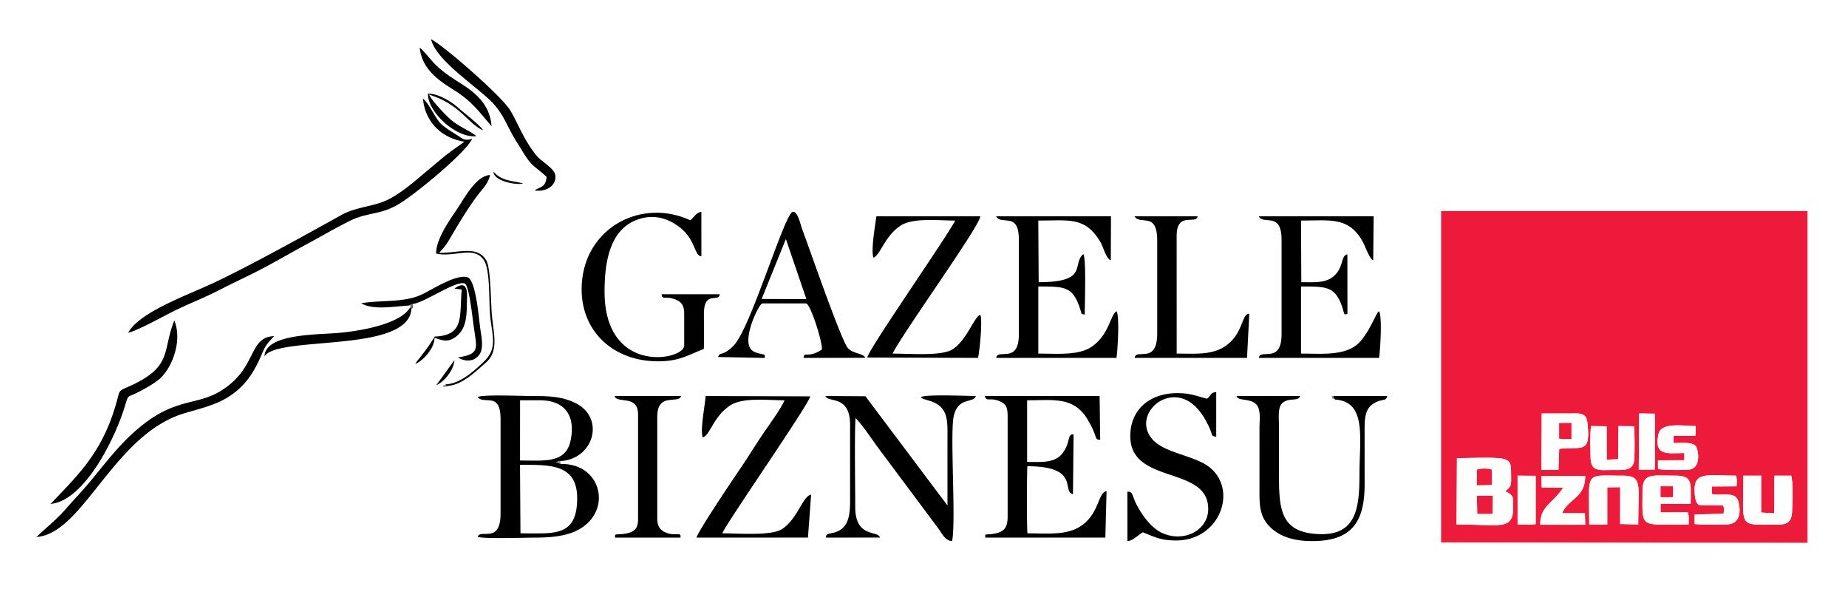 Tytuł Gazeli Biznesu